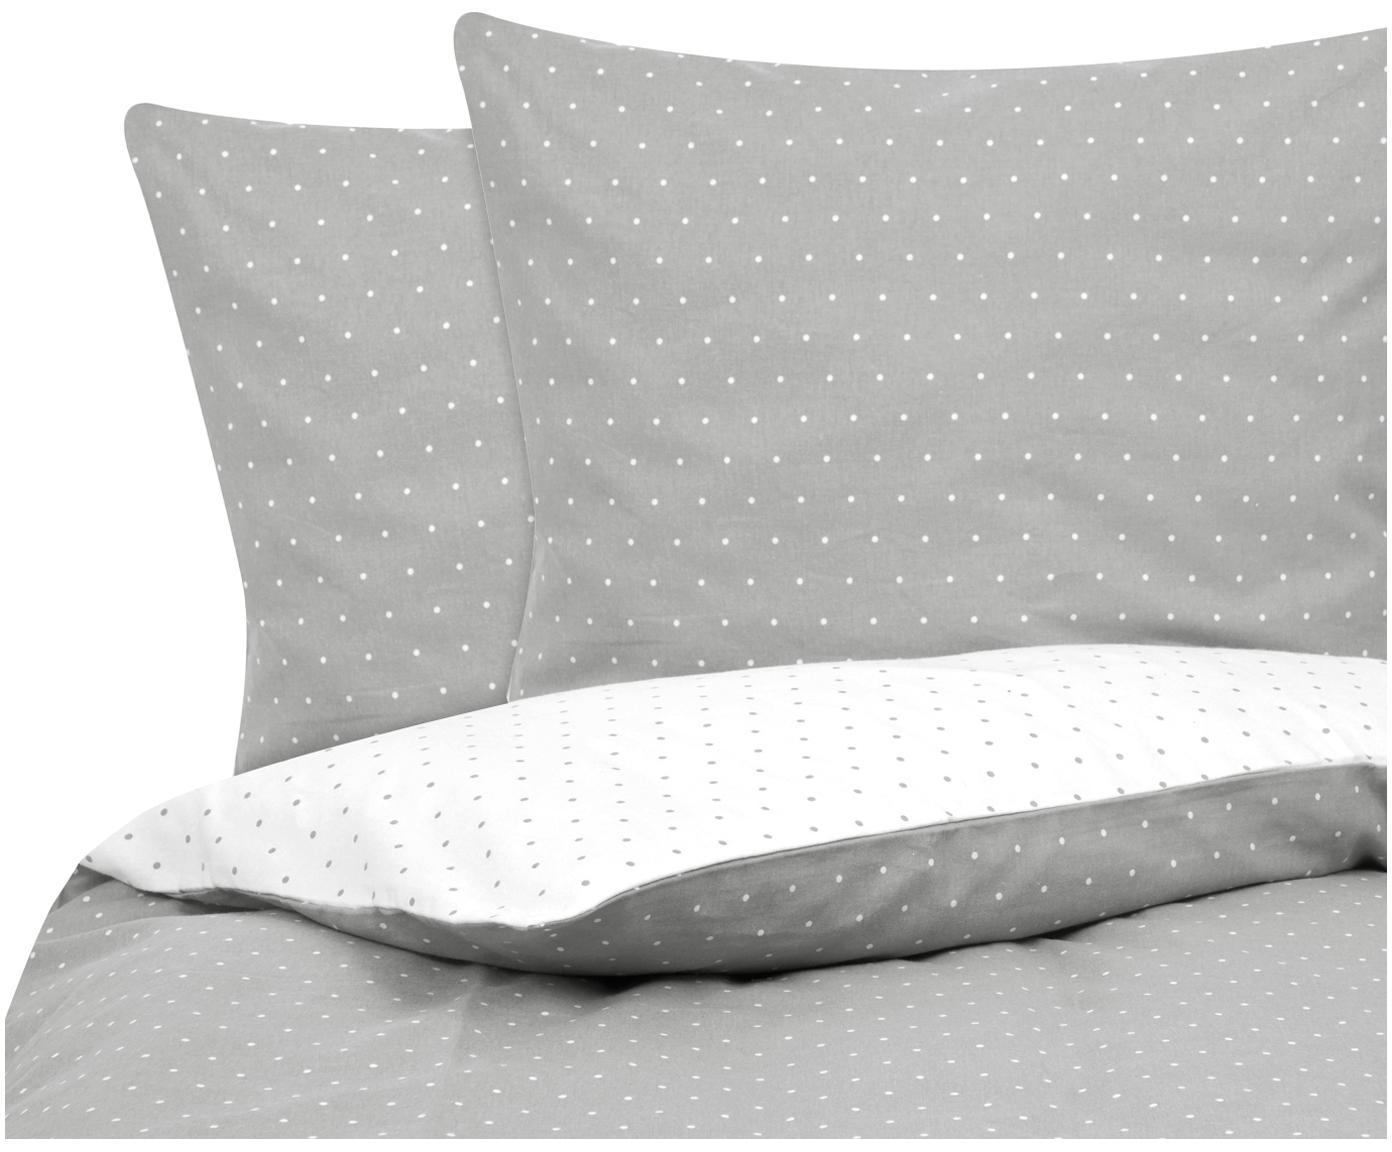 Flanell-Wendebettwäsche Betty, gepunktet, Webart: Flanell Flanell ist ein s, Grau, Weiß, 240 x 220 cm + 2 Kissen 80 x 80 cm